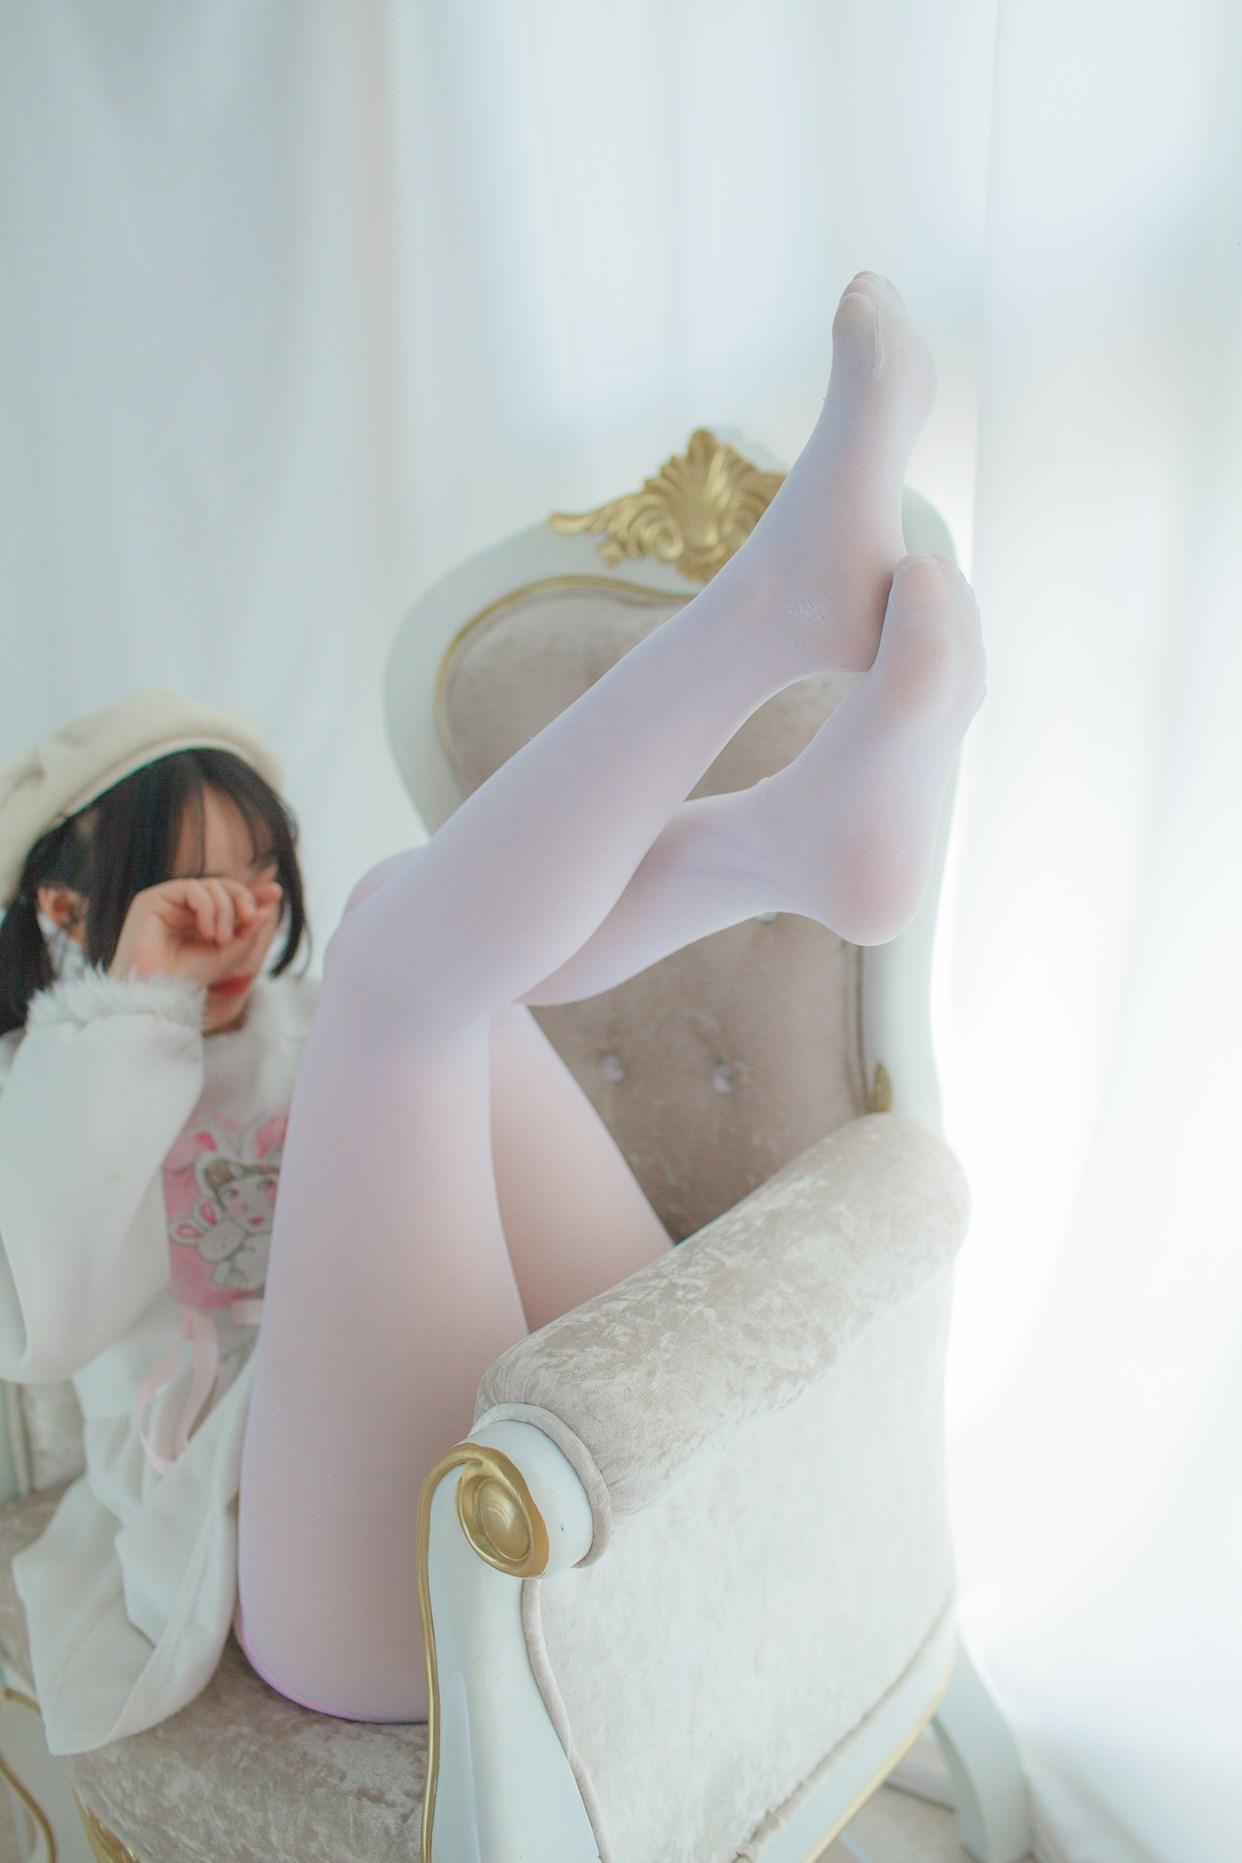 【兔玩映画】激萌小萝莉 兔玩映画 第28张